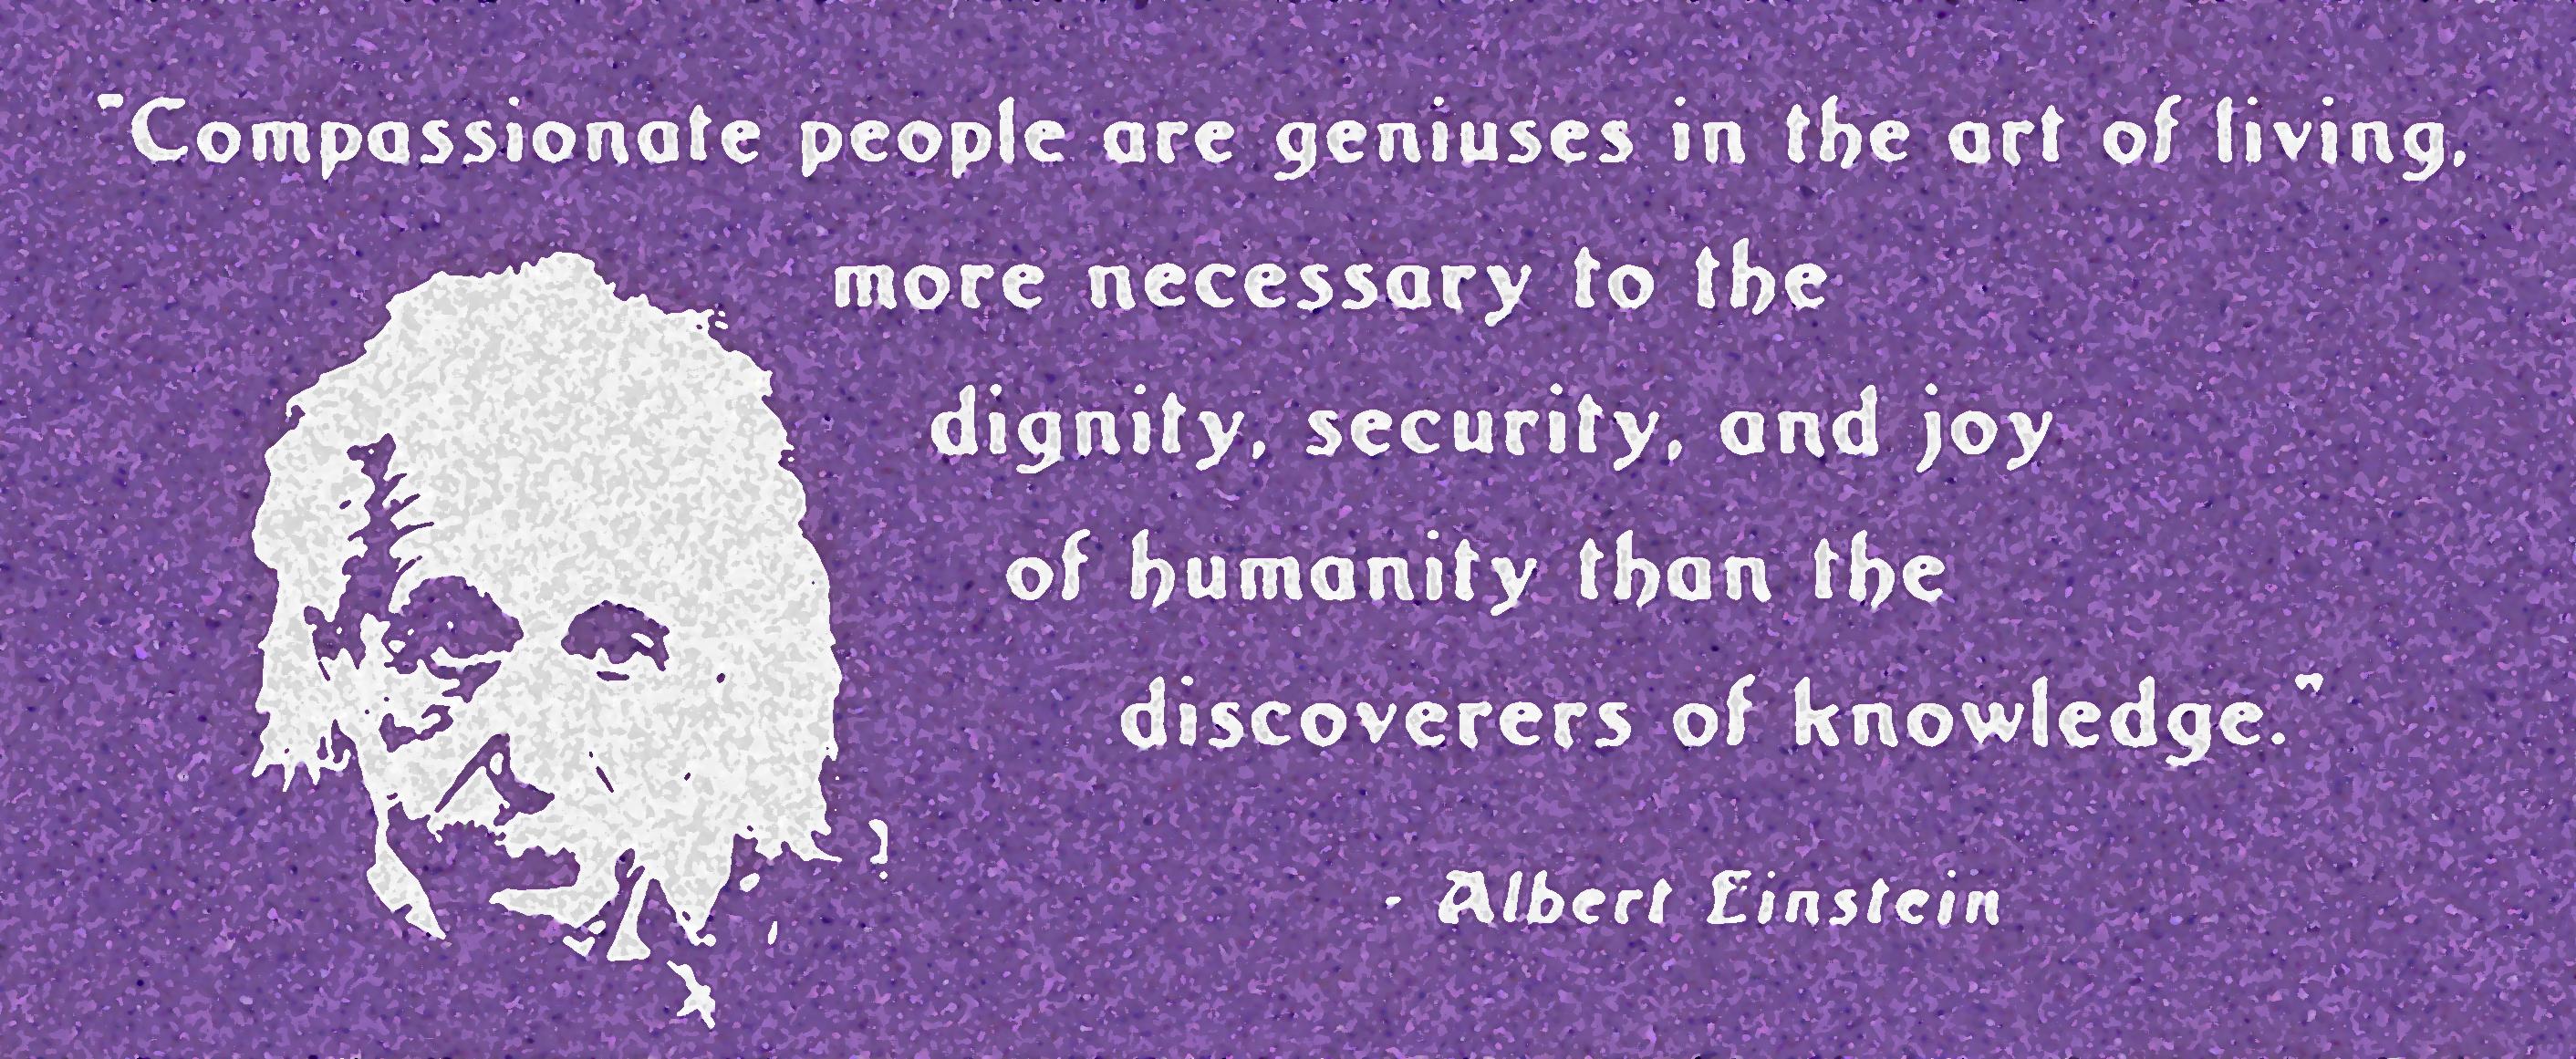 Einstein-quote-8m